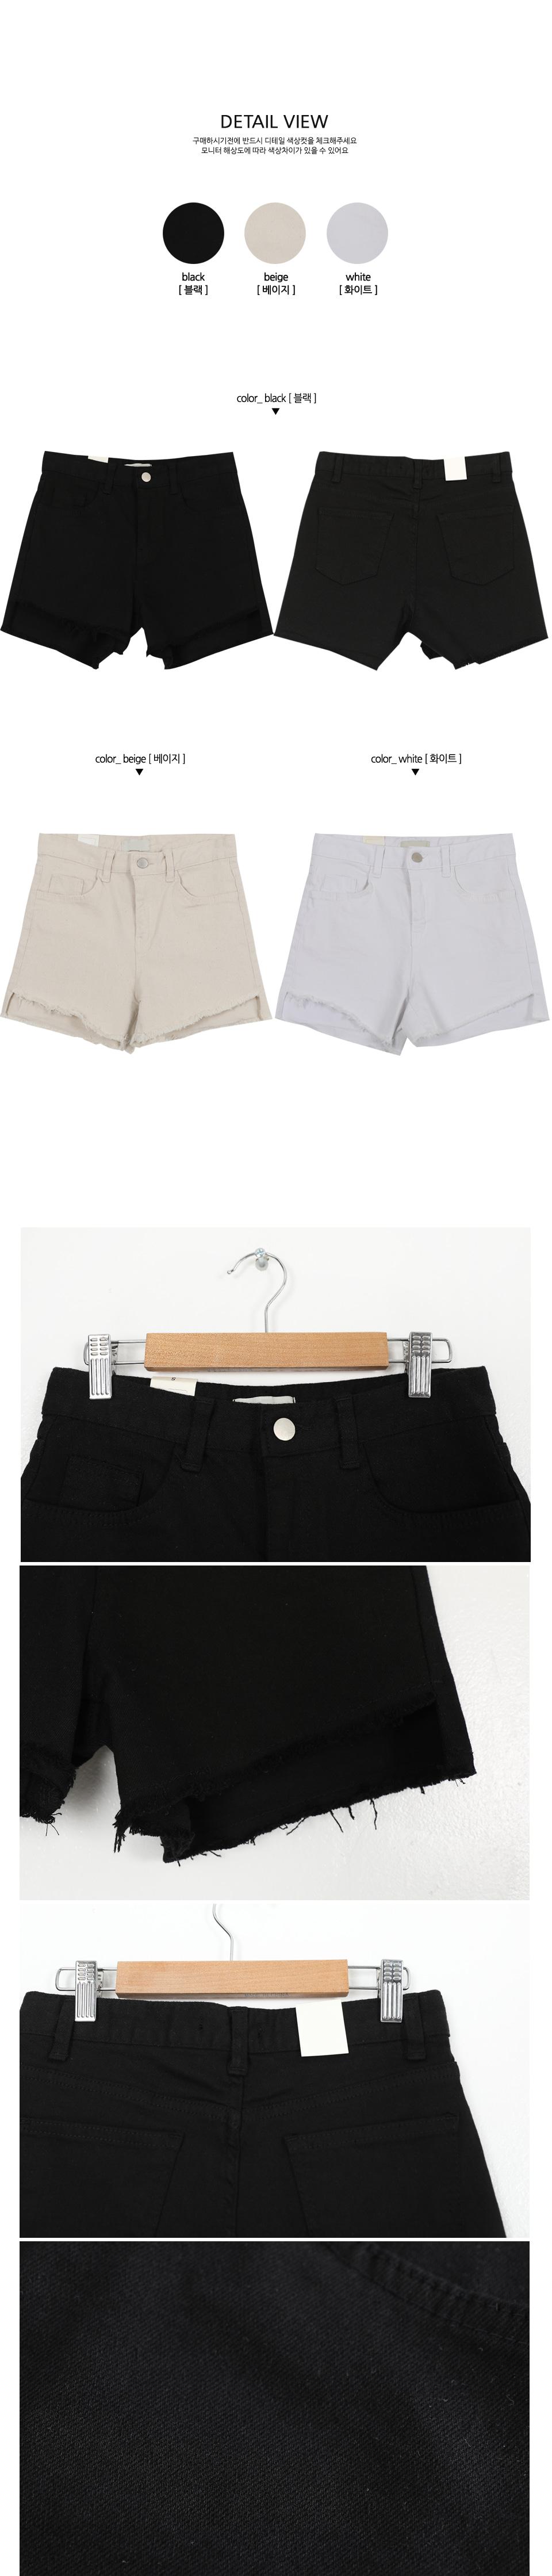 Vico Unal, Mini Pants